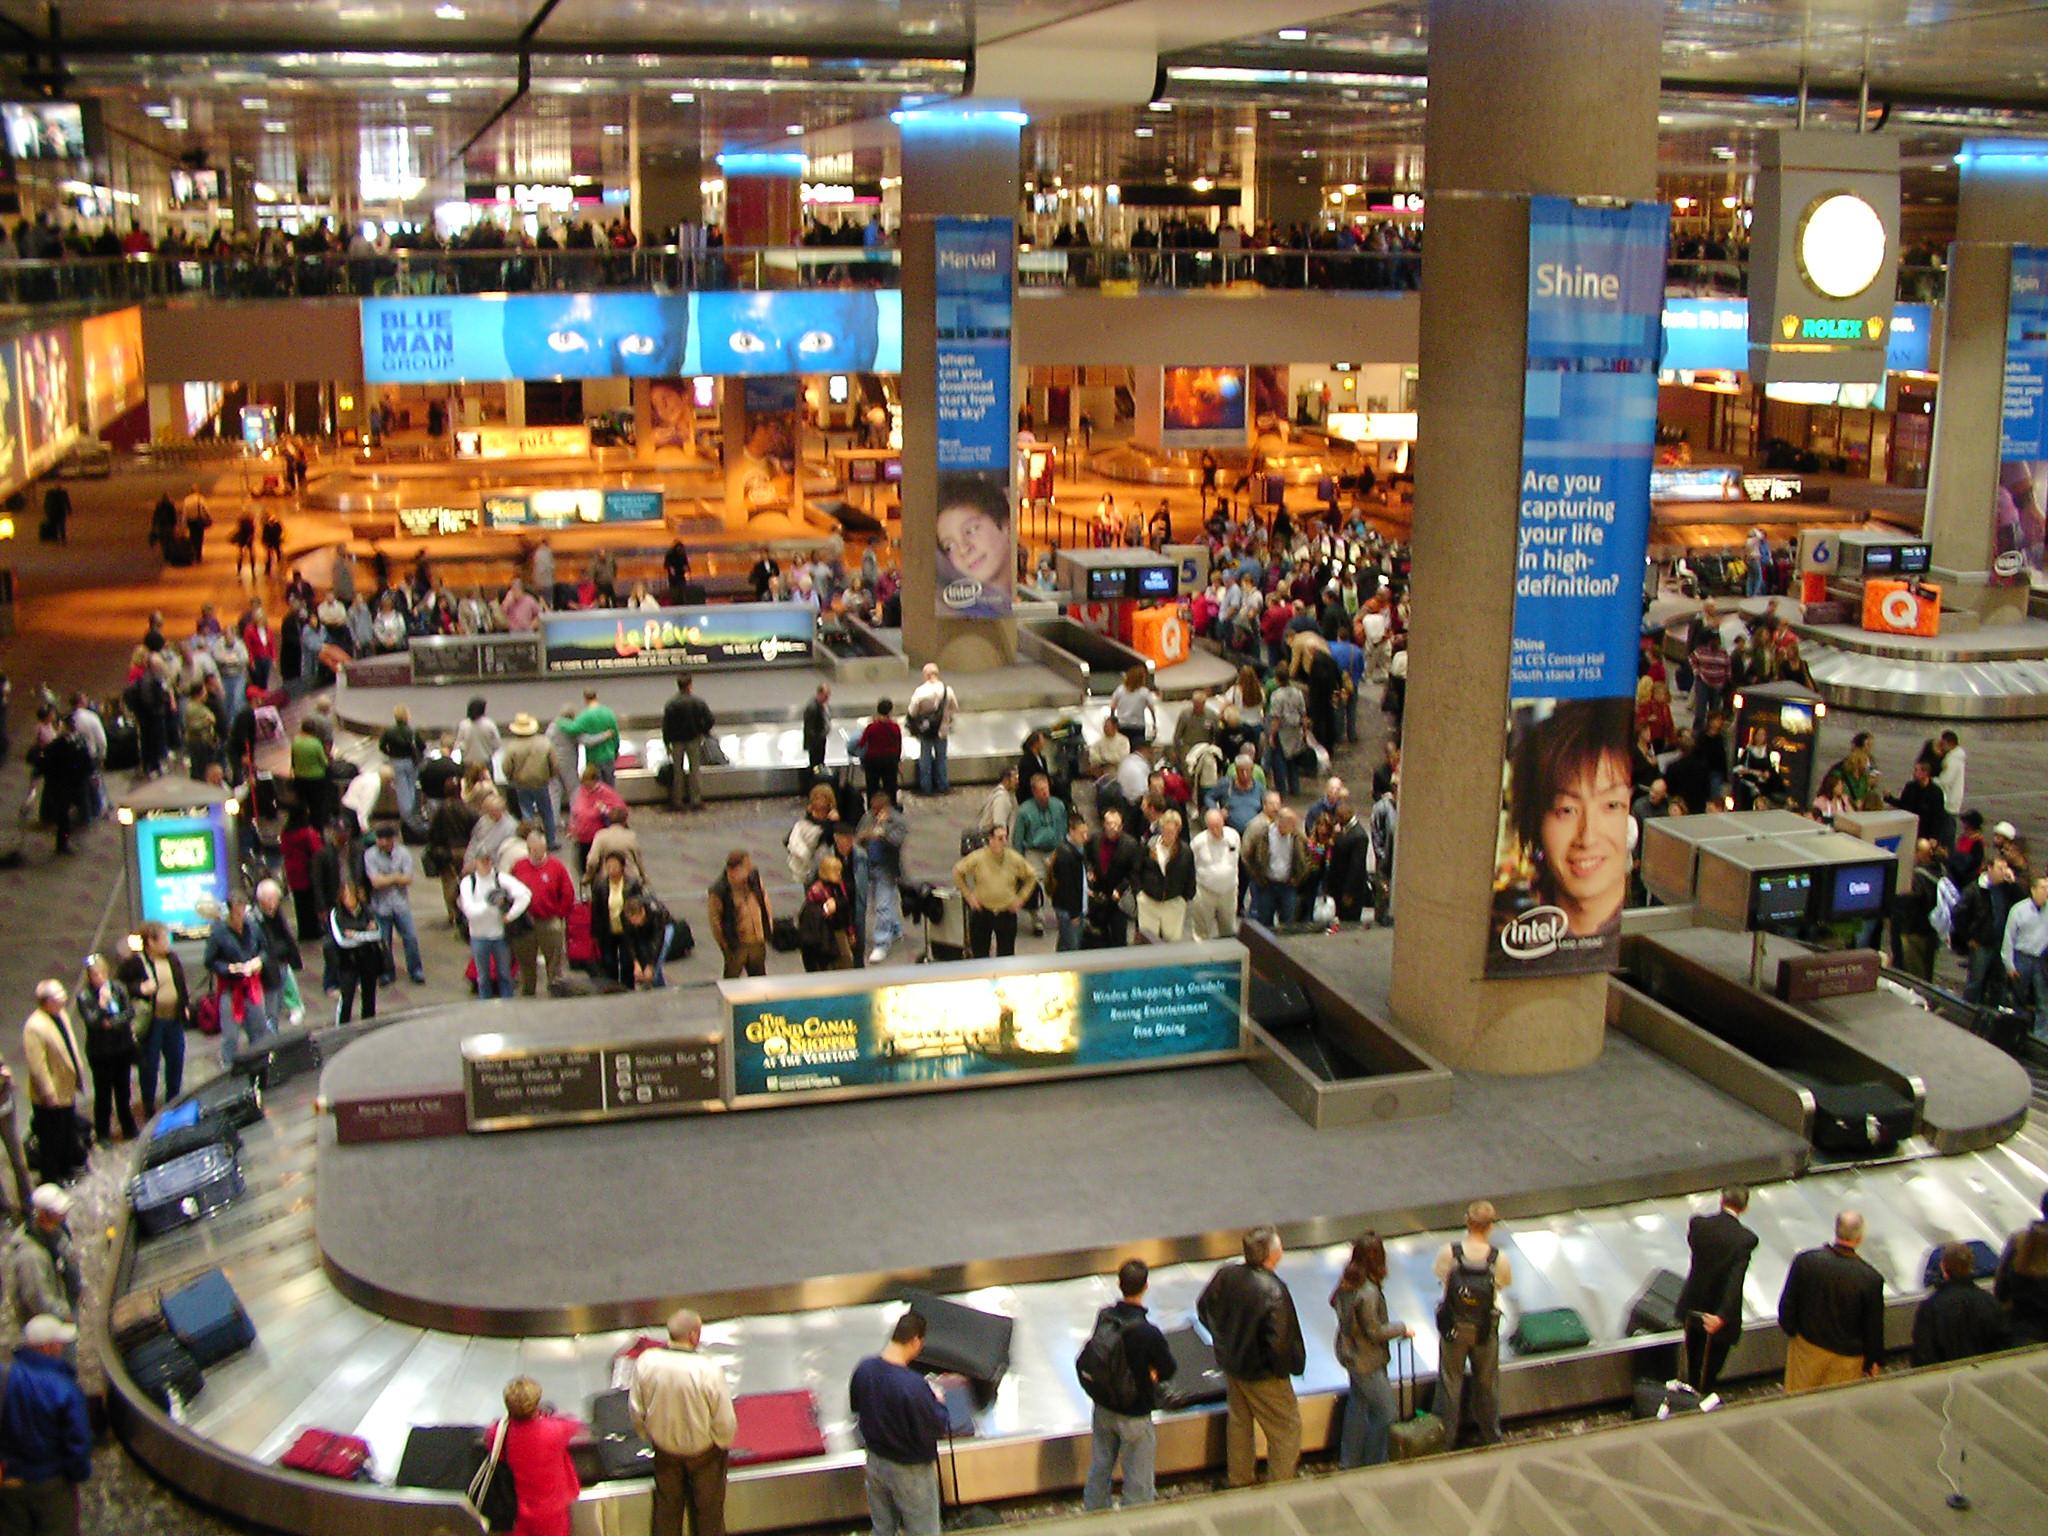 Vegas Airport - Mayhem!